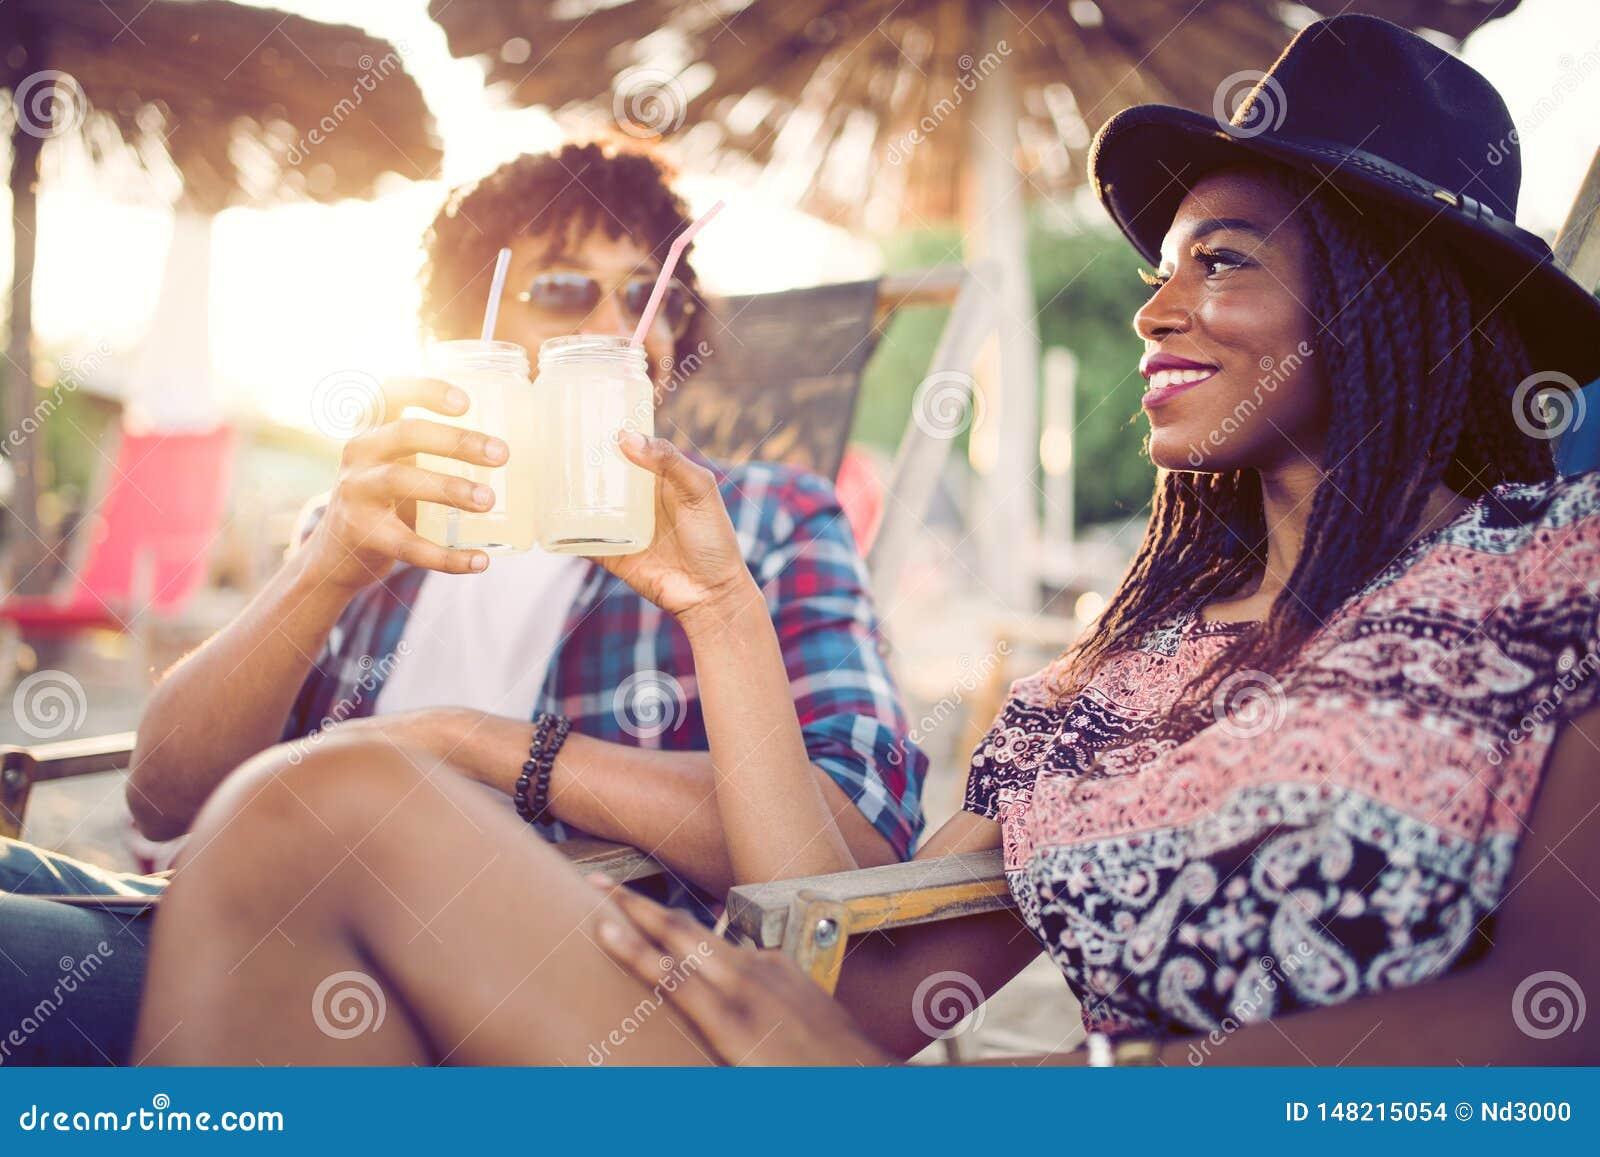 Coppie nere felici sulla spiaggia mentre rilassandosi sui loro sdrai